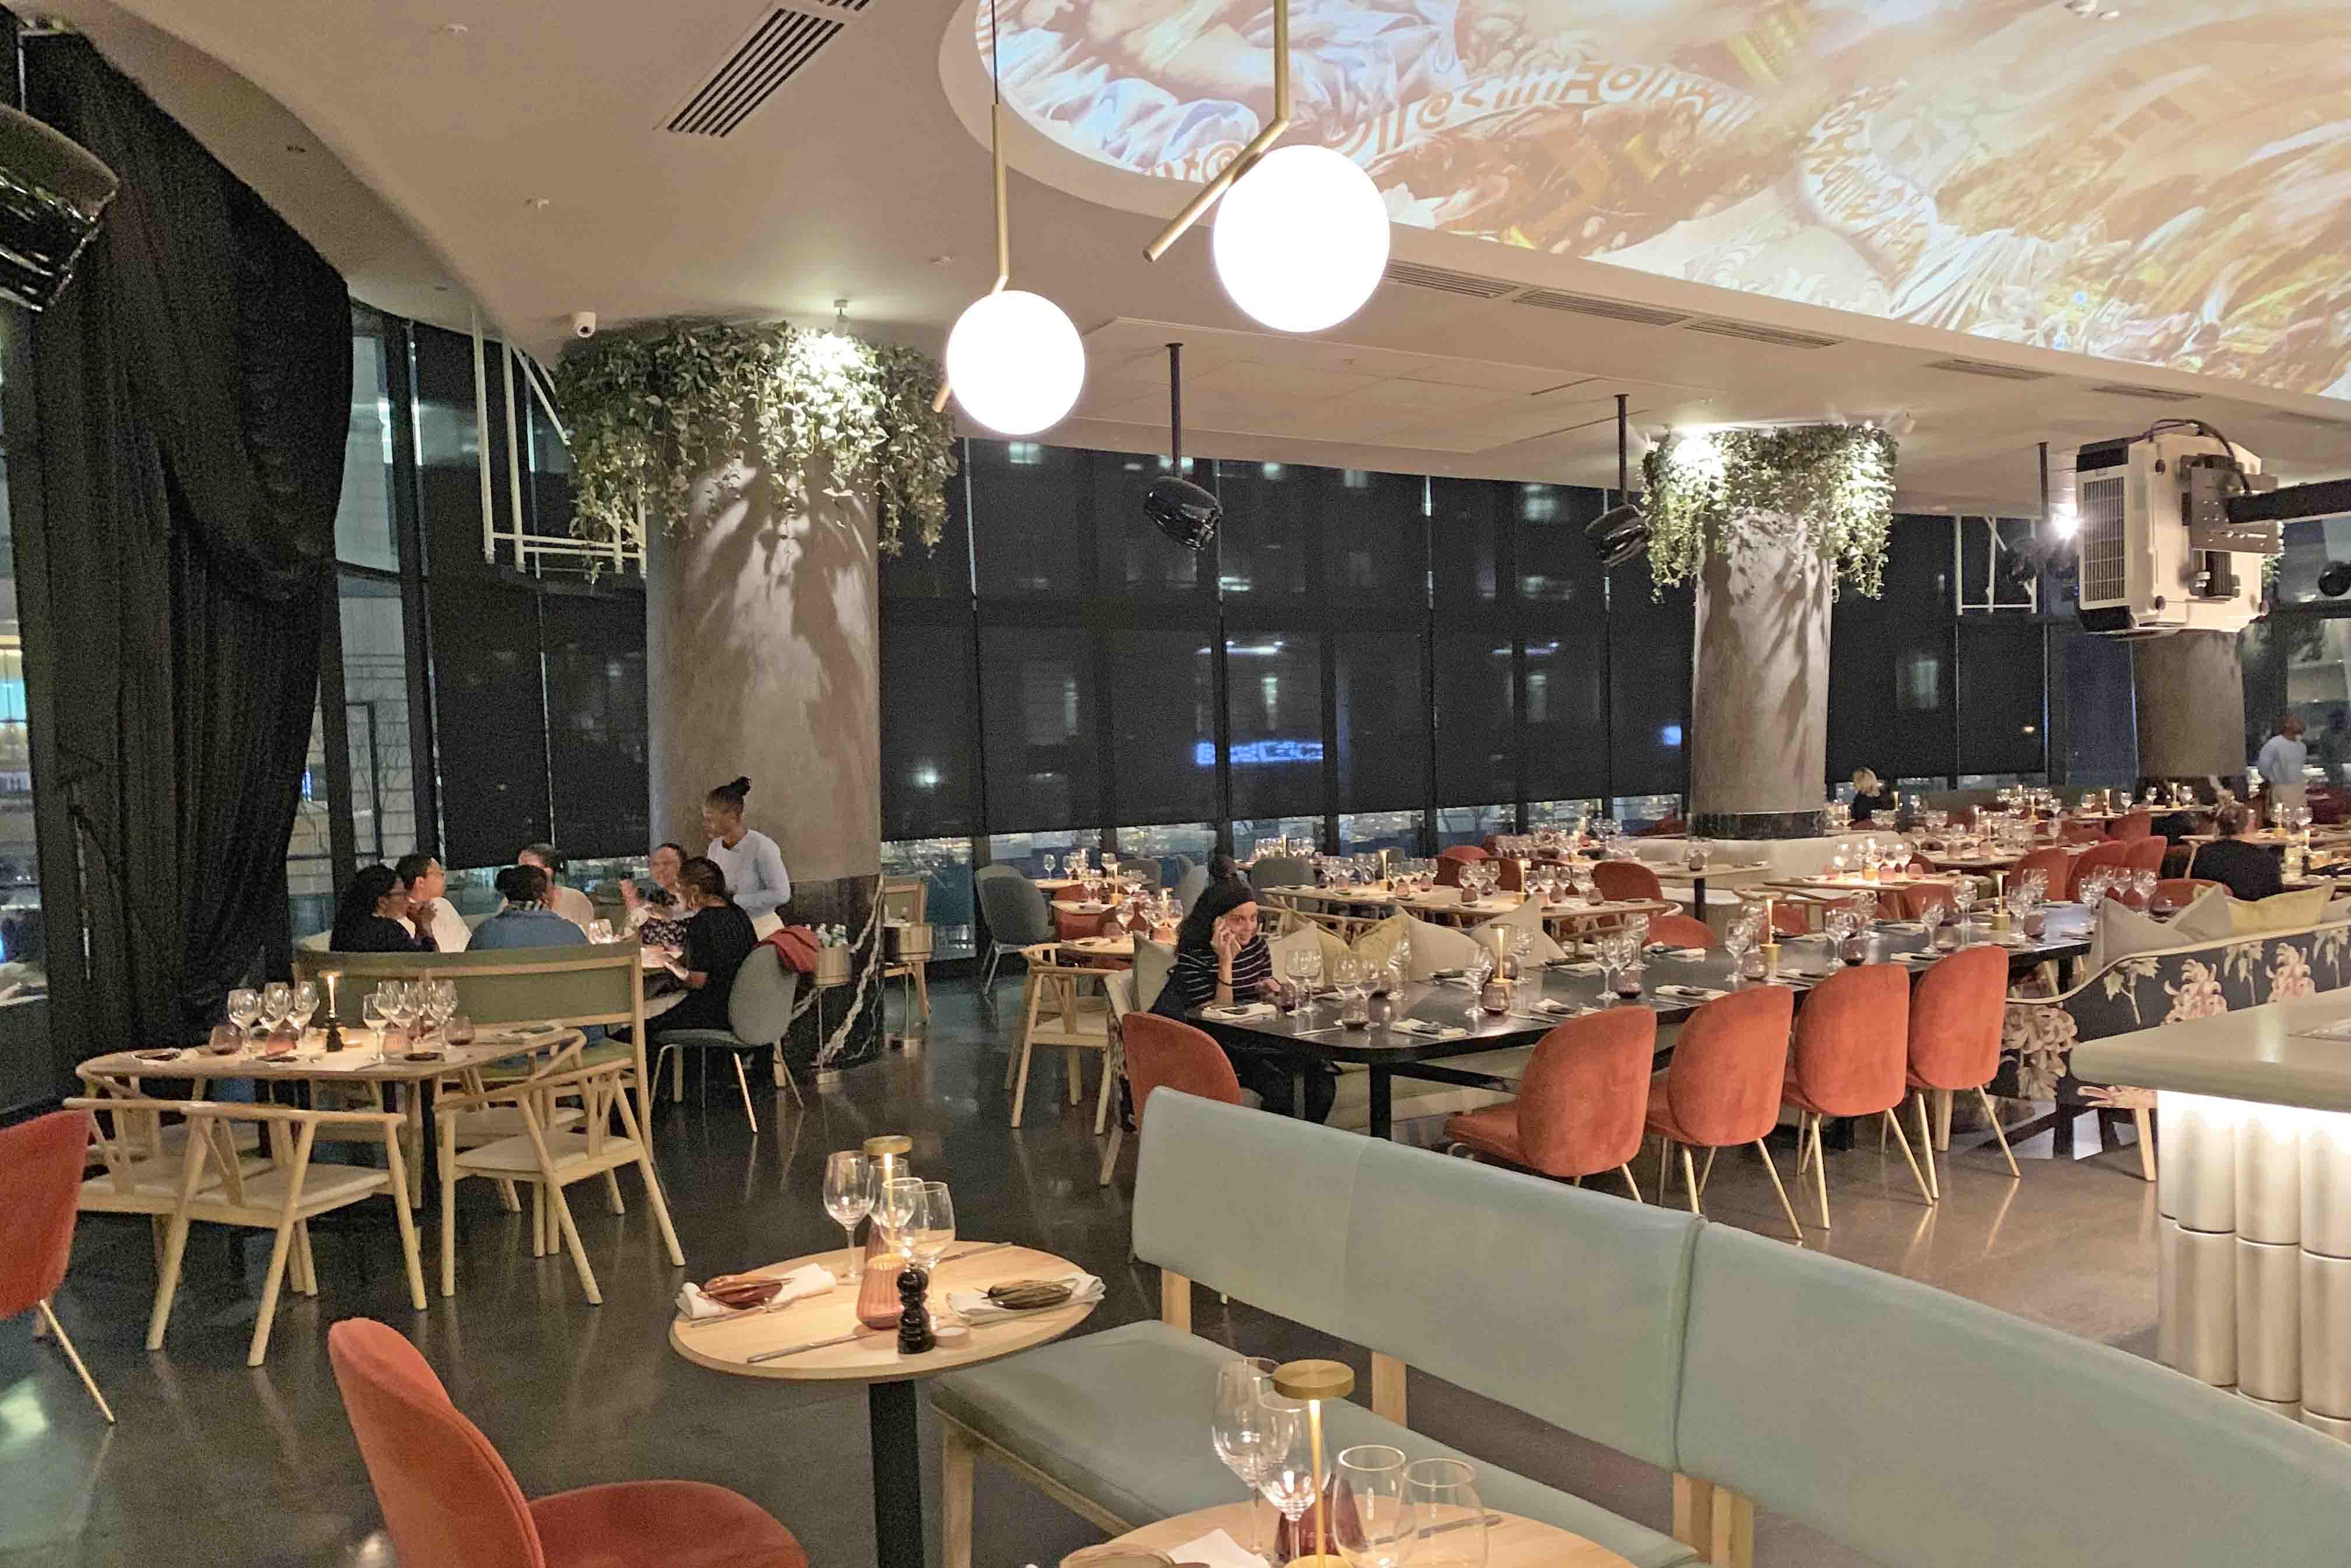 Dicas de restaurantes em Joanesburgo - onde comer - Saint Restaurant - The Marc - Sandton